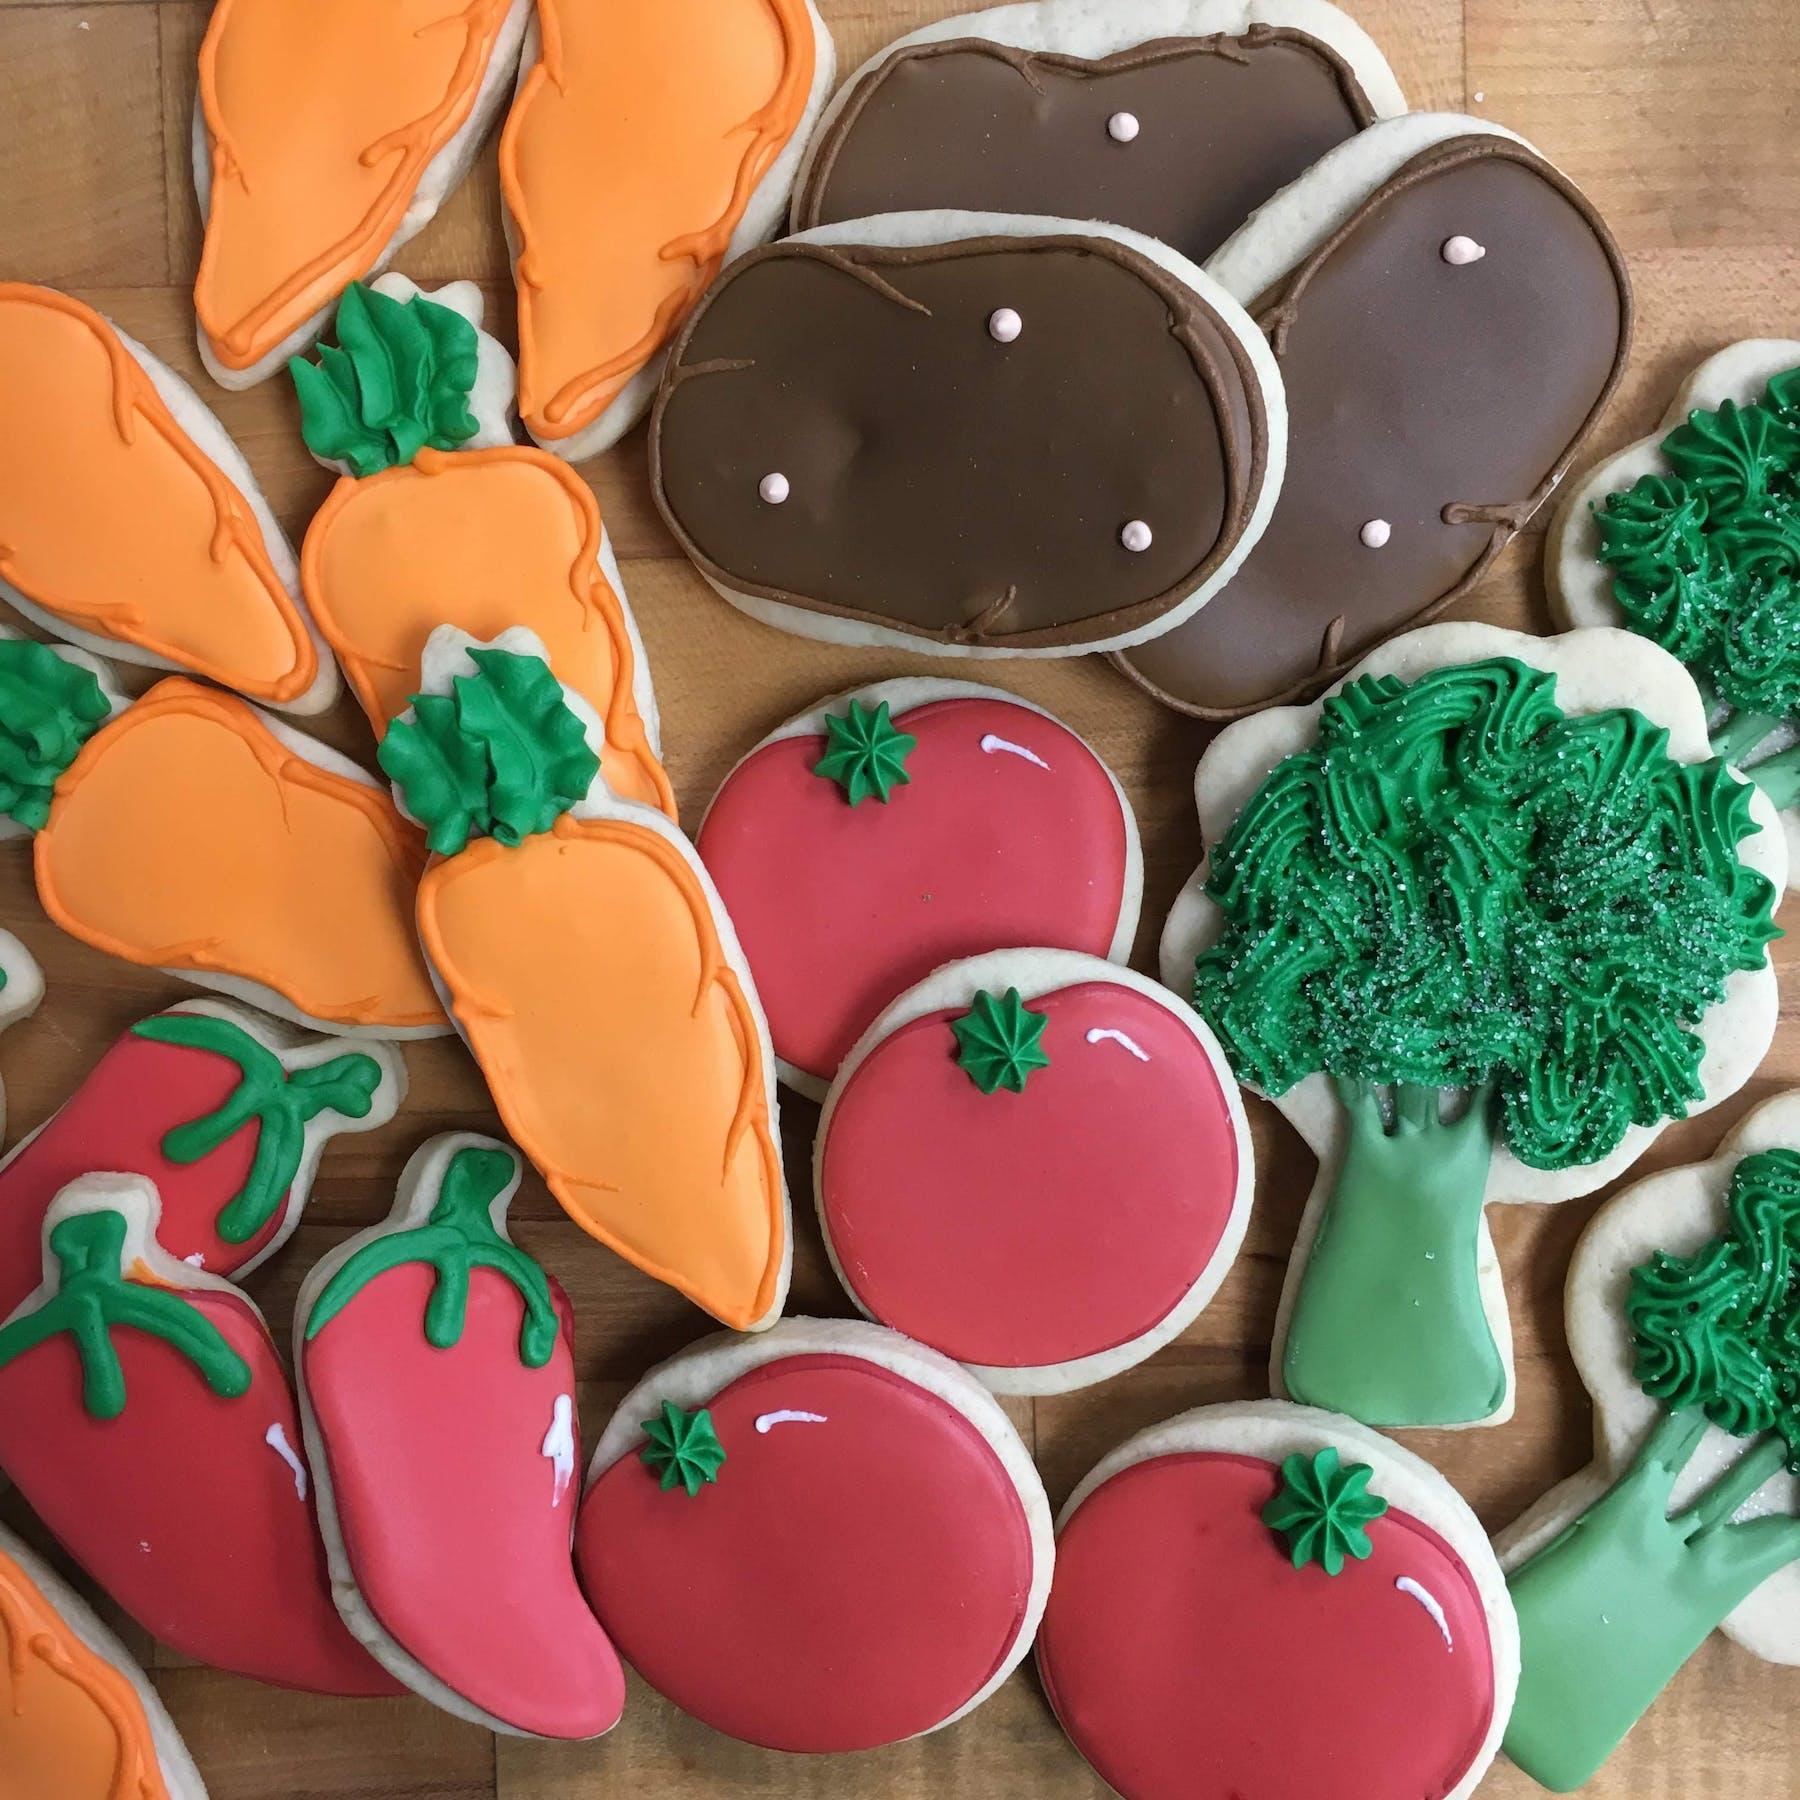 multiple veggies shaped cookies